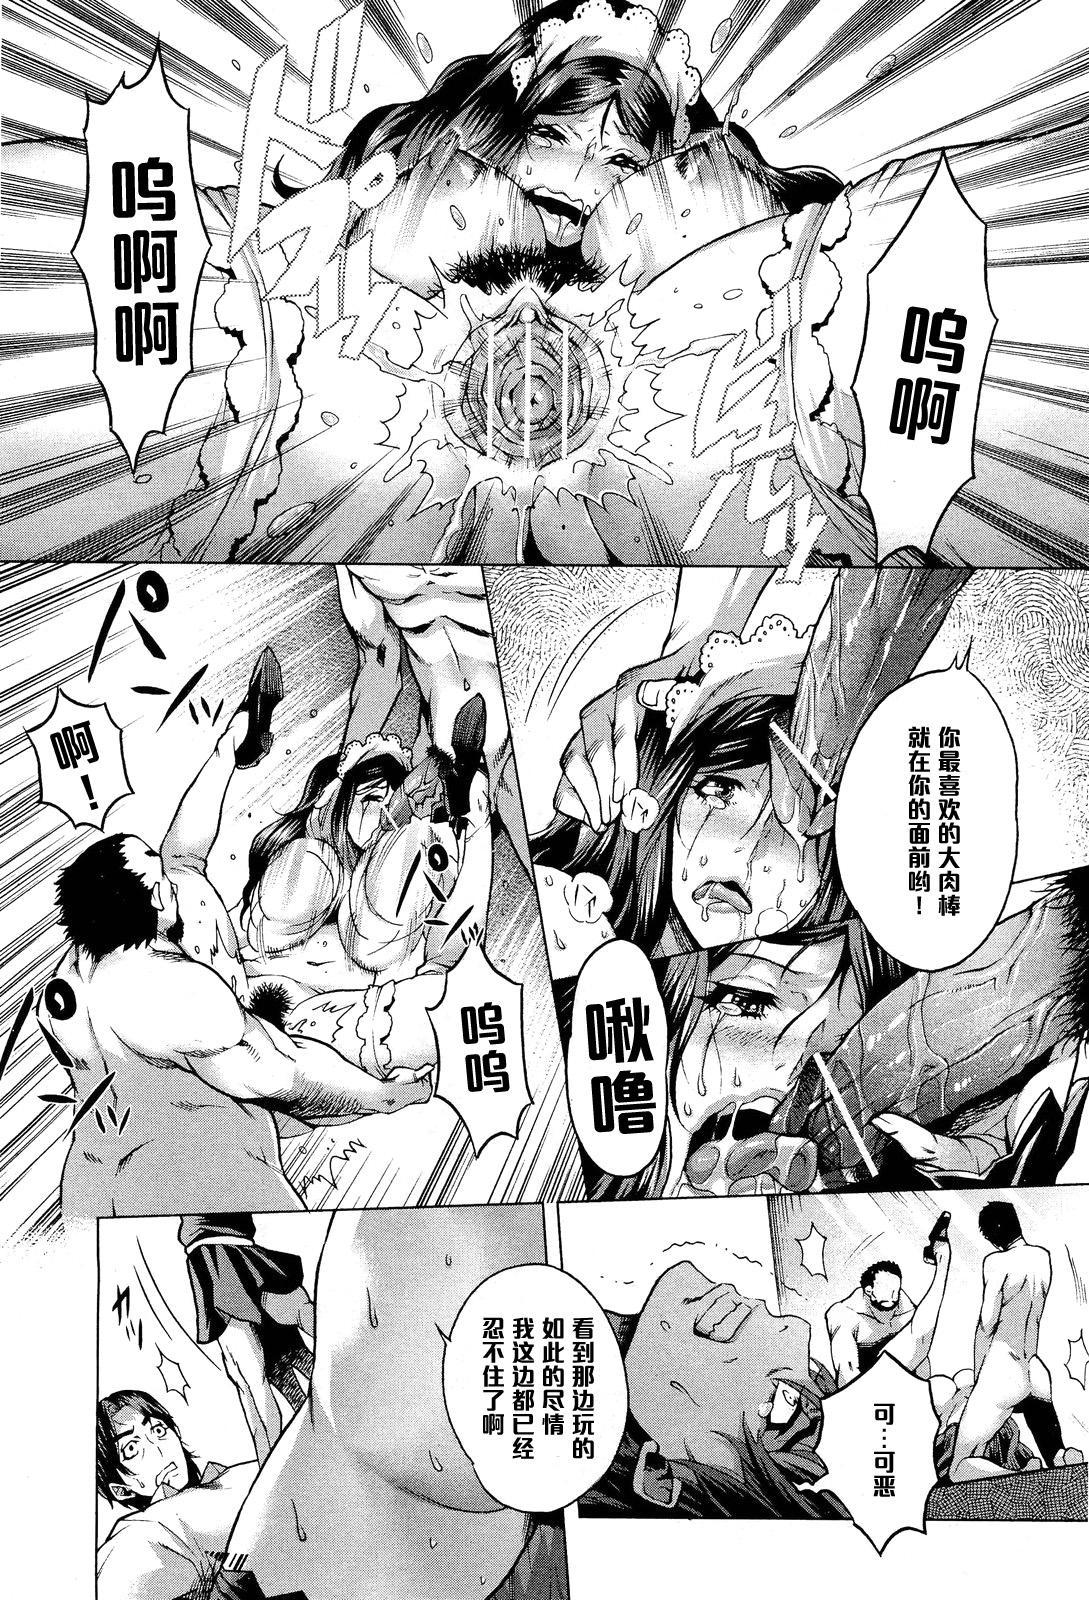 Koufuku no Daishou 19